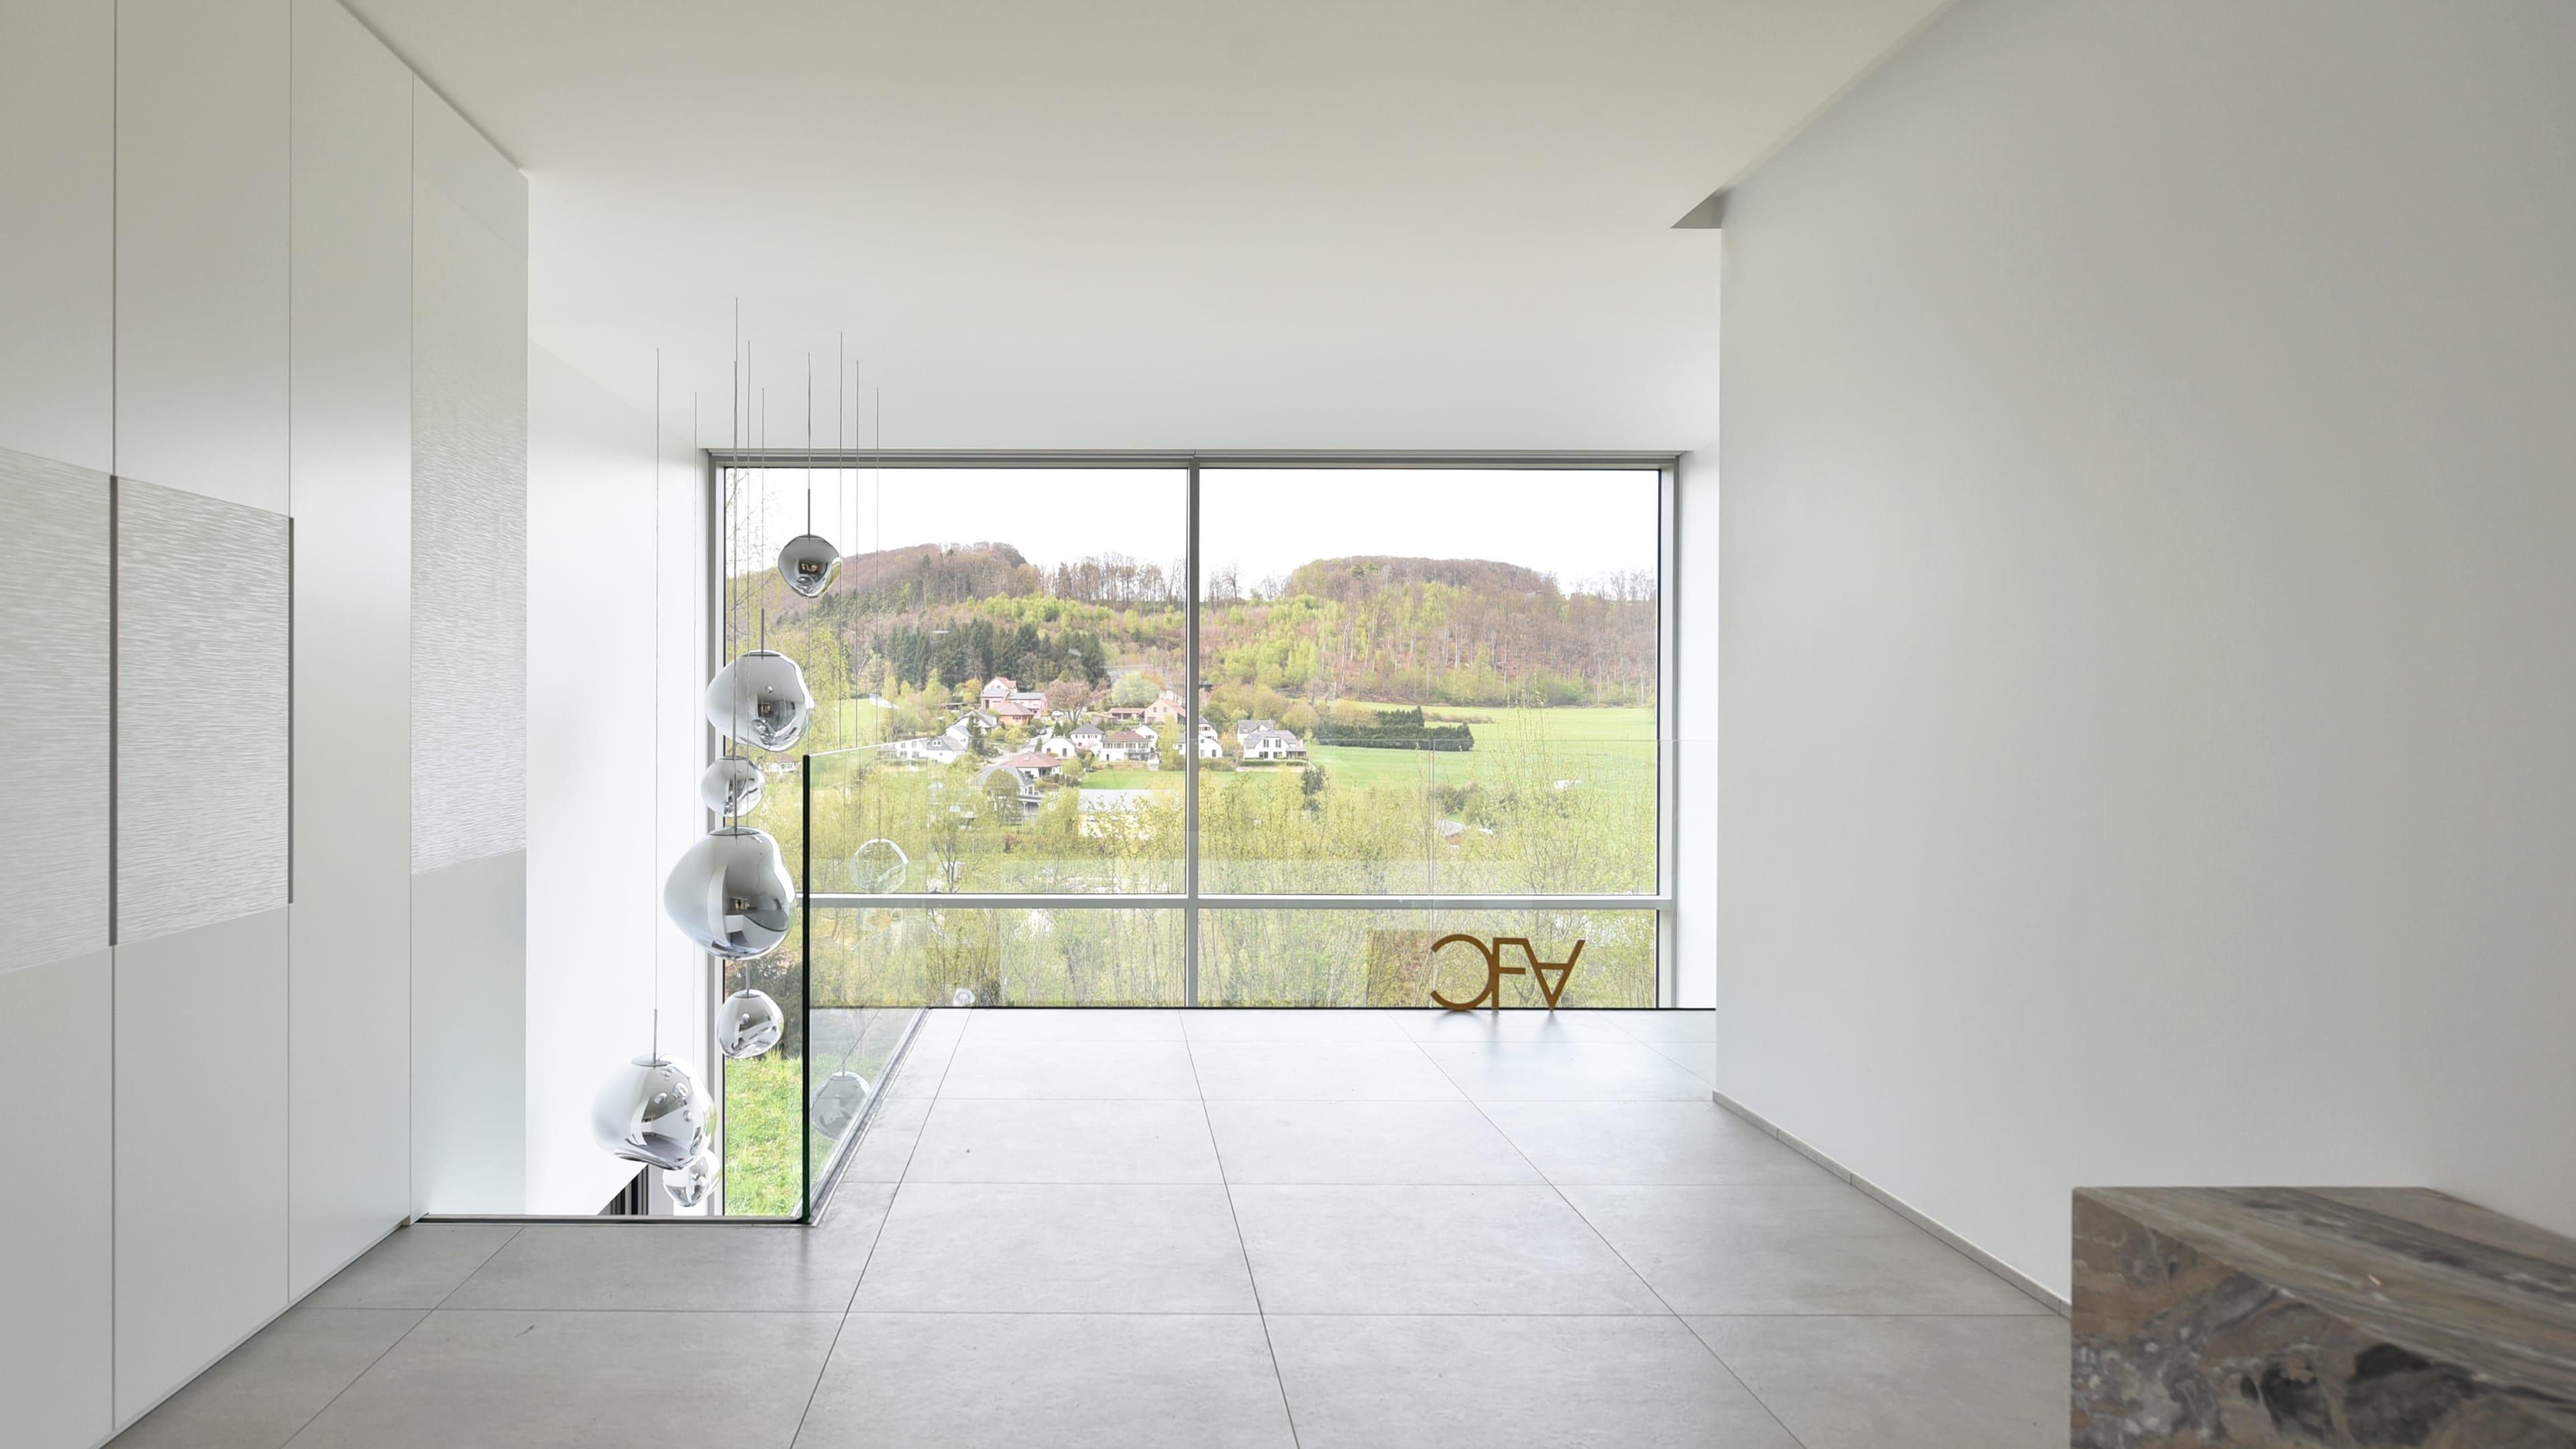 roodt villa haut standing architecte cfa cfarchitectes luxembourg luxe marbre pierre mur rideau. Black Bedroom Furniture Sets. Home Design Ideas